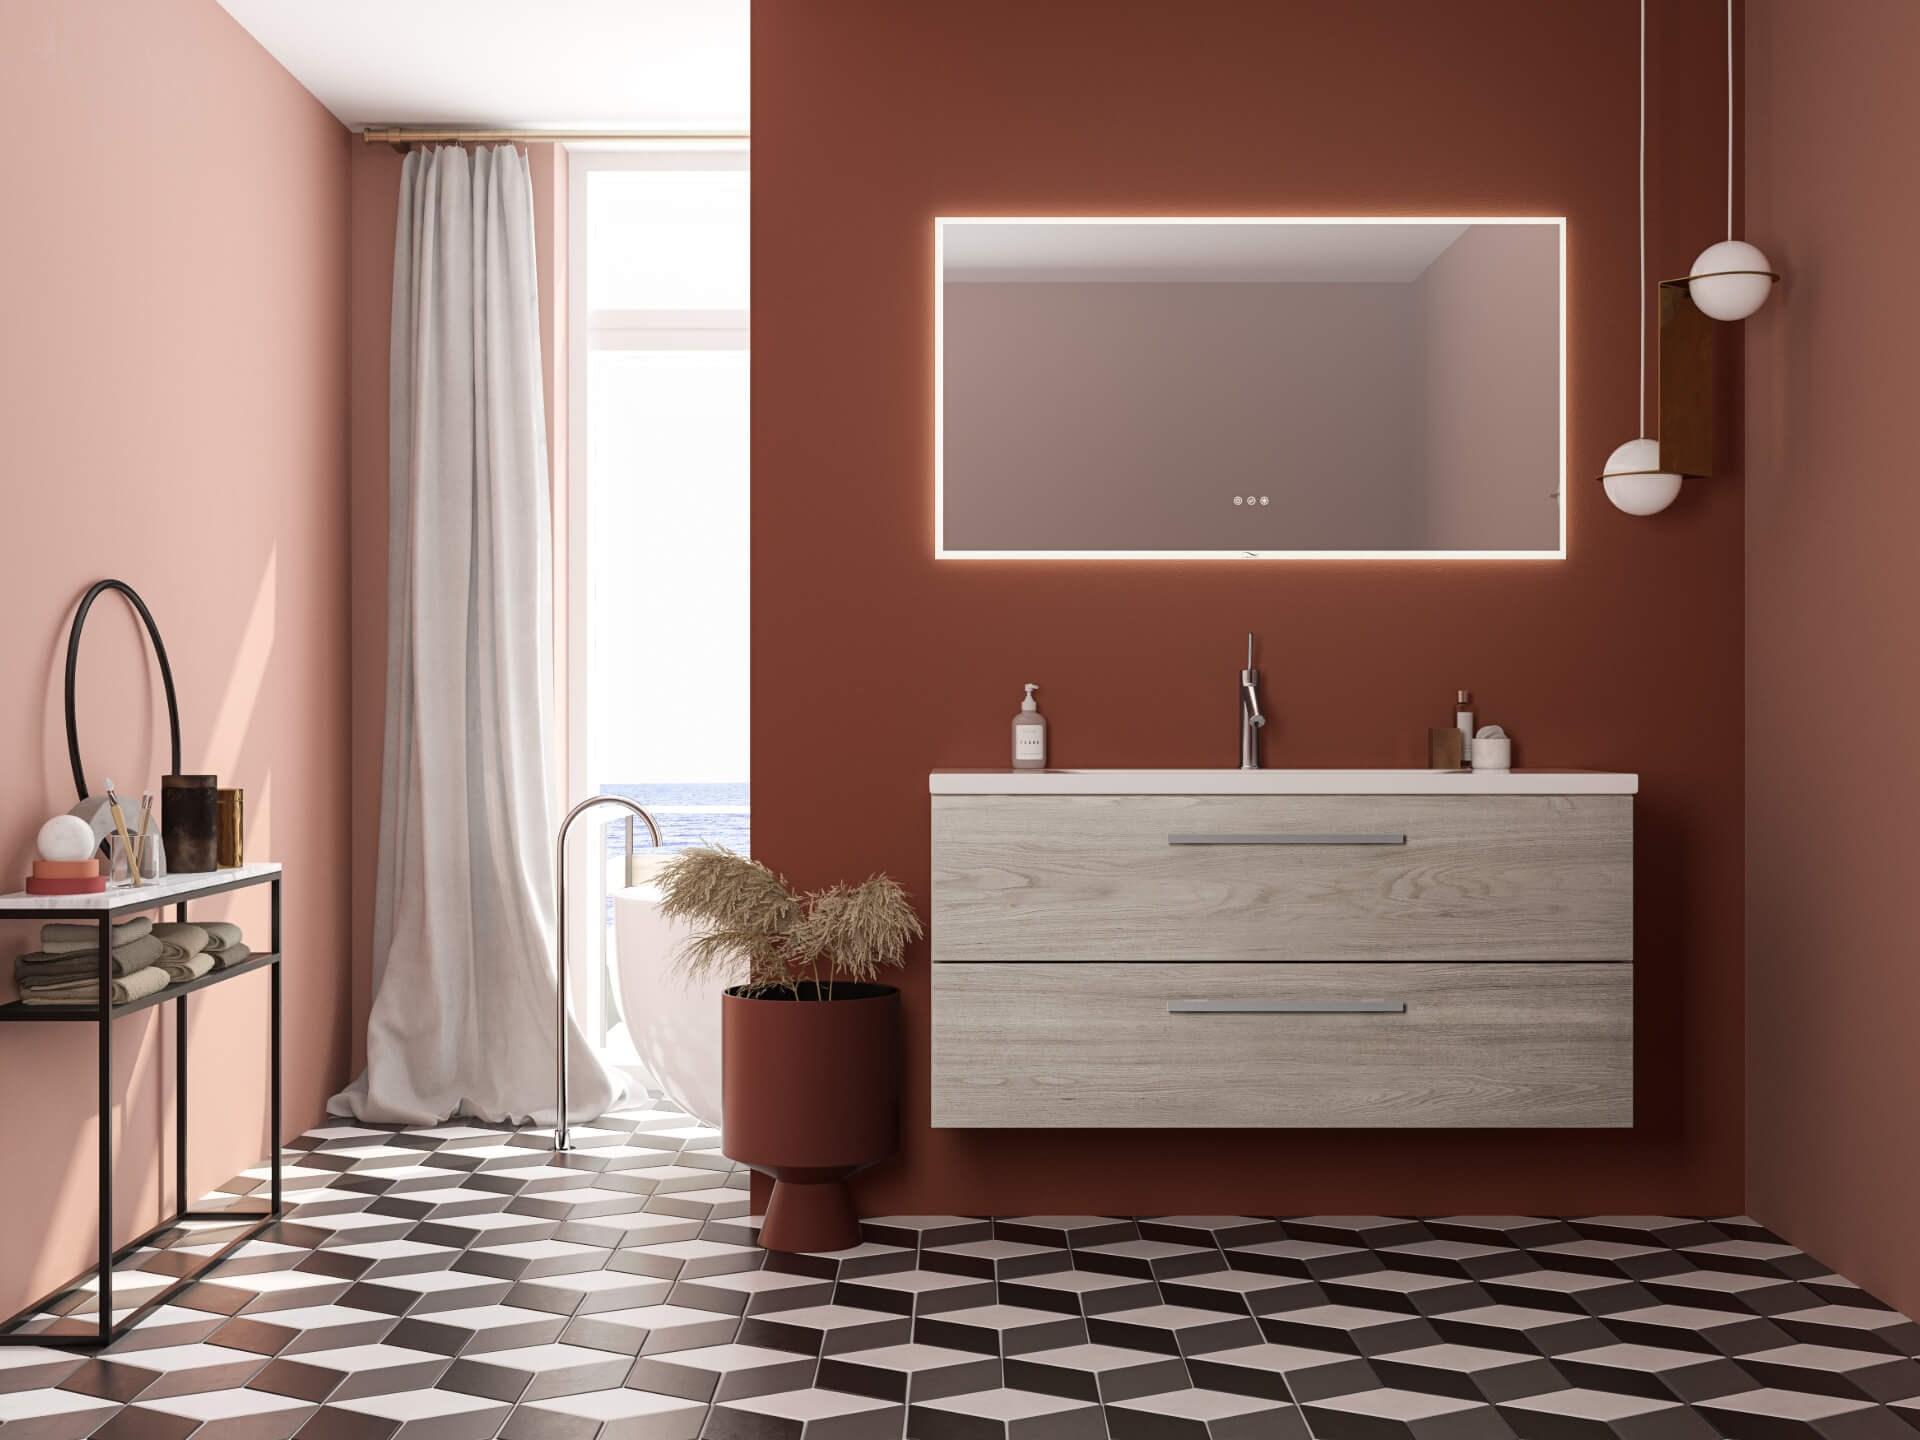 Miljøbilde servantskap Linn Bad Ingrid120 lys eik. Framfjord speil. Mønstret gulv og rødorange og rosa vegger.